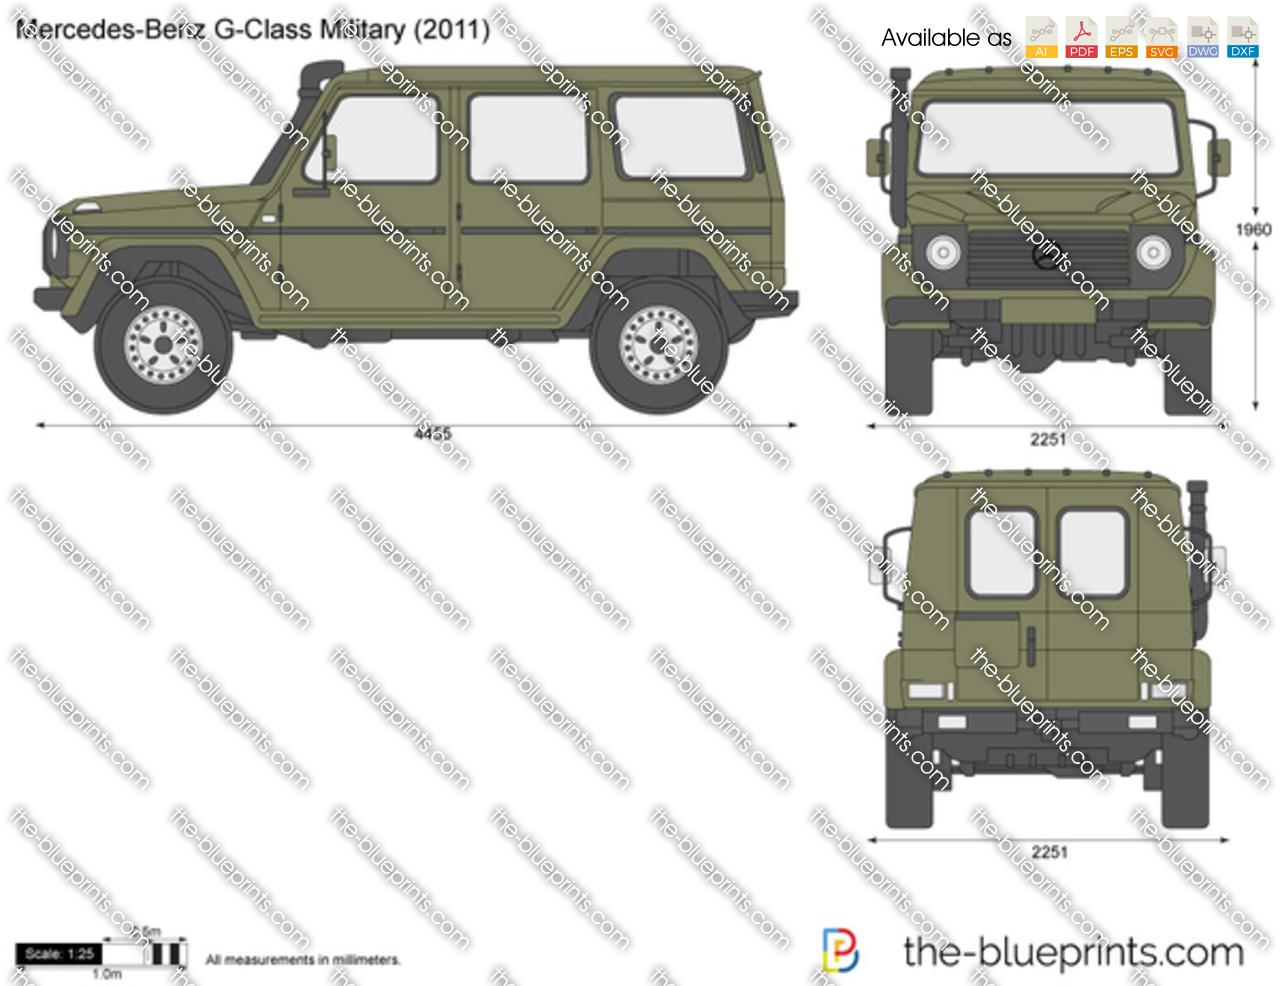 Mercedes-Benz G-Class Military 461